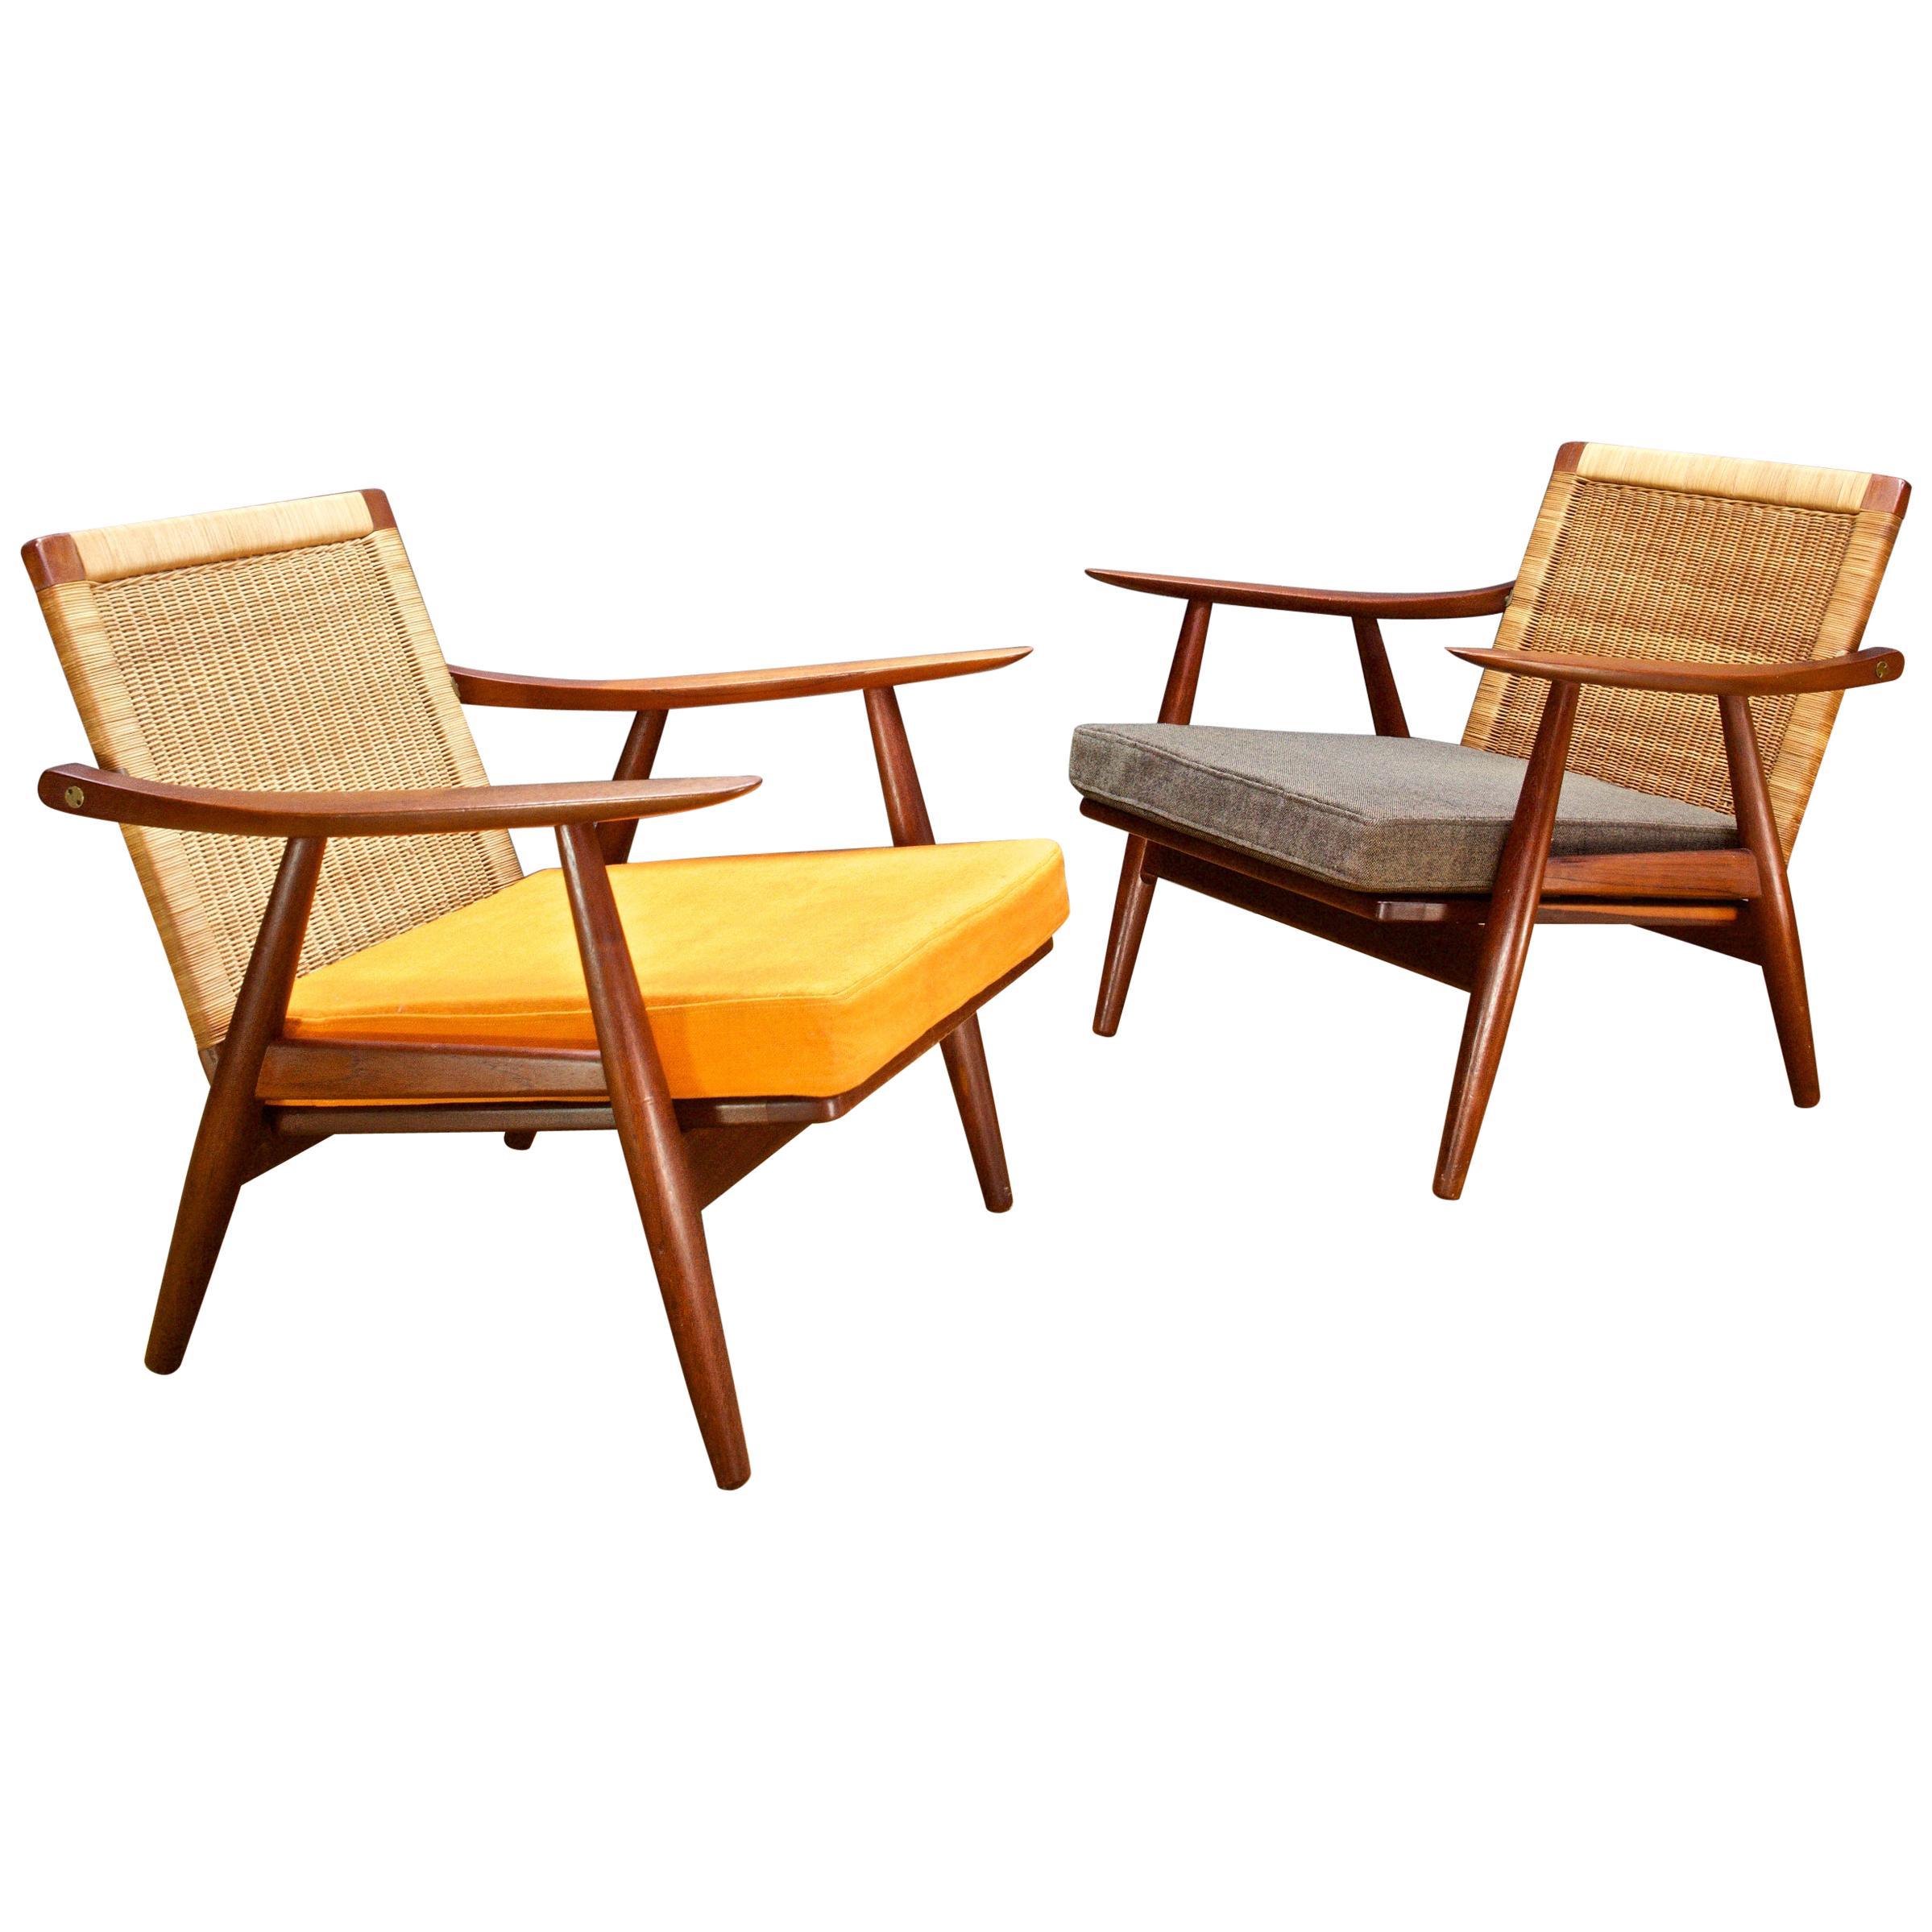 Rare 1950s Wicker Back GETAMA Lounge Chairs Midcentury Danish Teak Hans Wegner